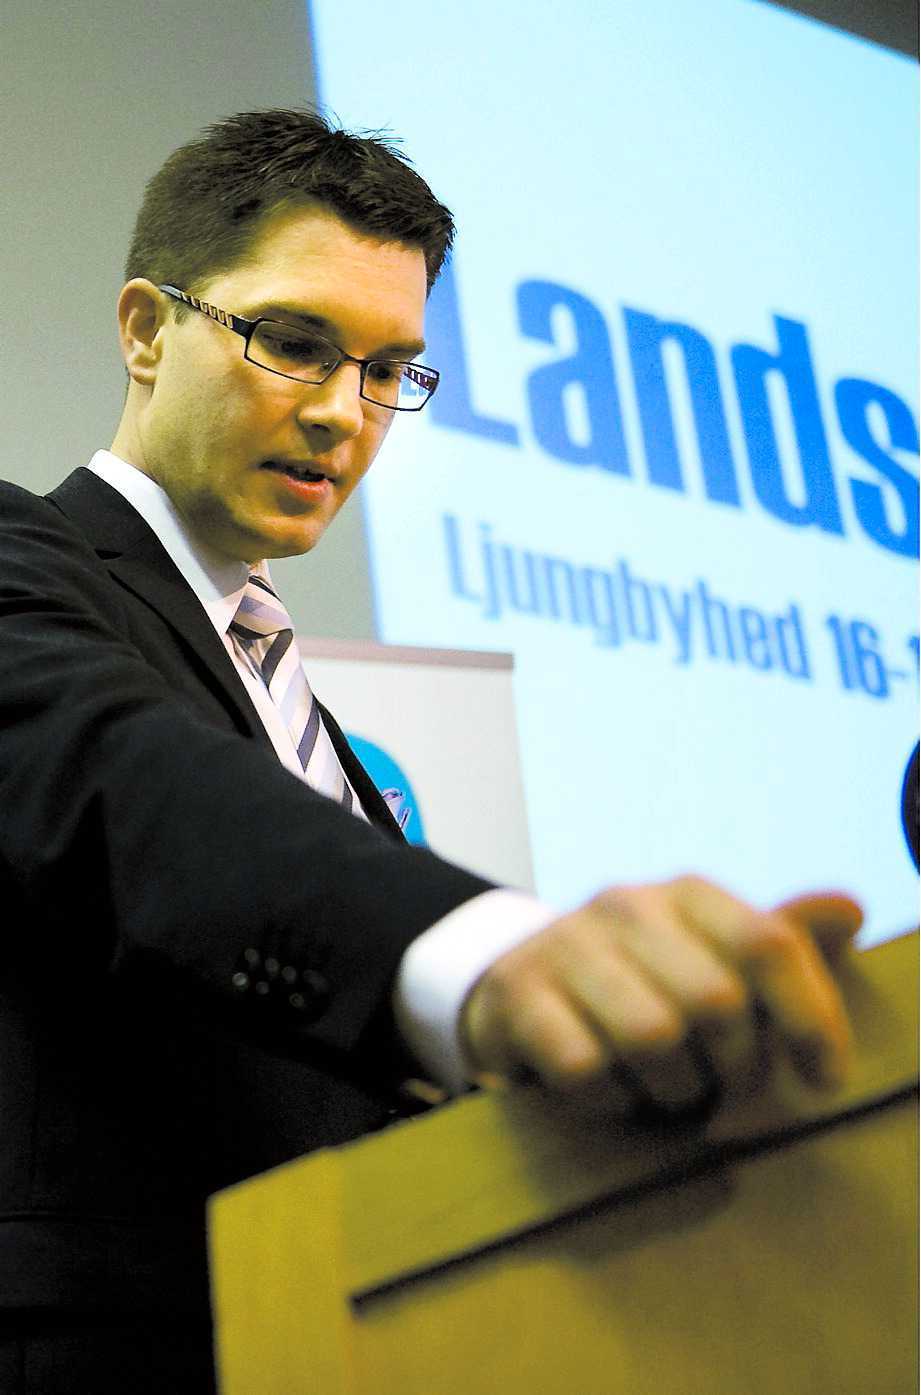 ENKEL OCH OBEHAGLIG TAKTIK Jimmie Åkesson omvaldes som väntat till ordförande på Sverigedemokraternas partidagar i Ljungbyhed.